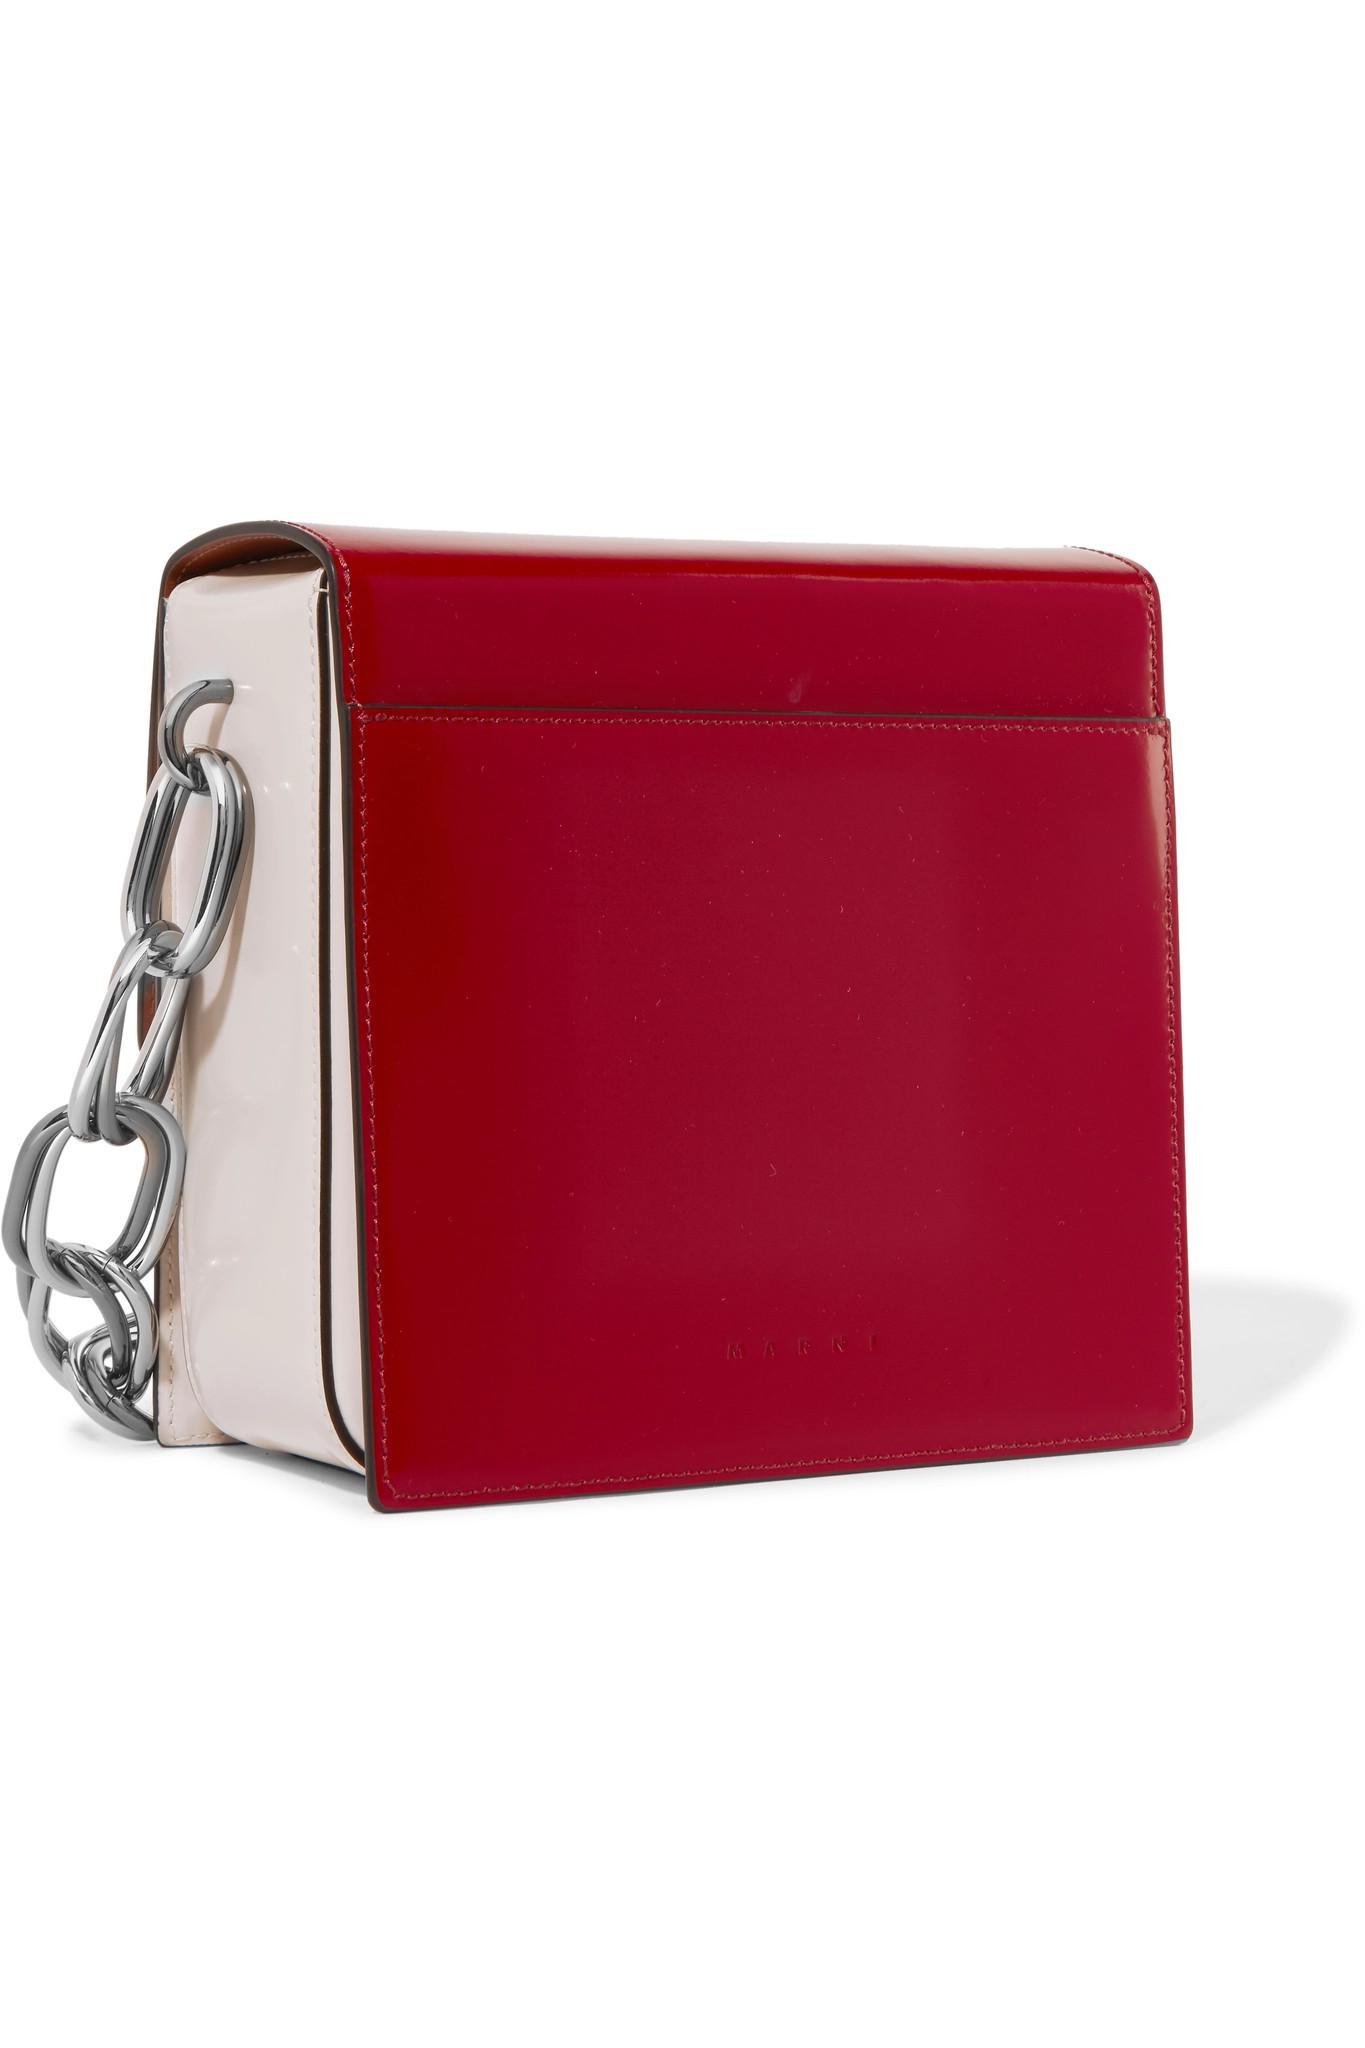 Boîte Sac À Bandoulière-cuir Verni - Marni Rouge h8LHLzg4X